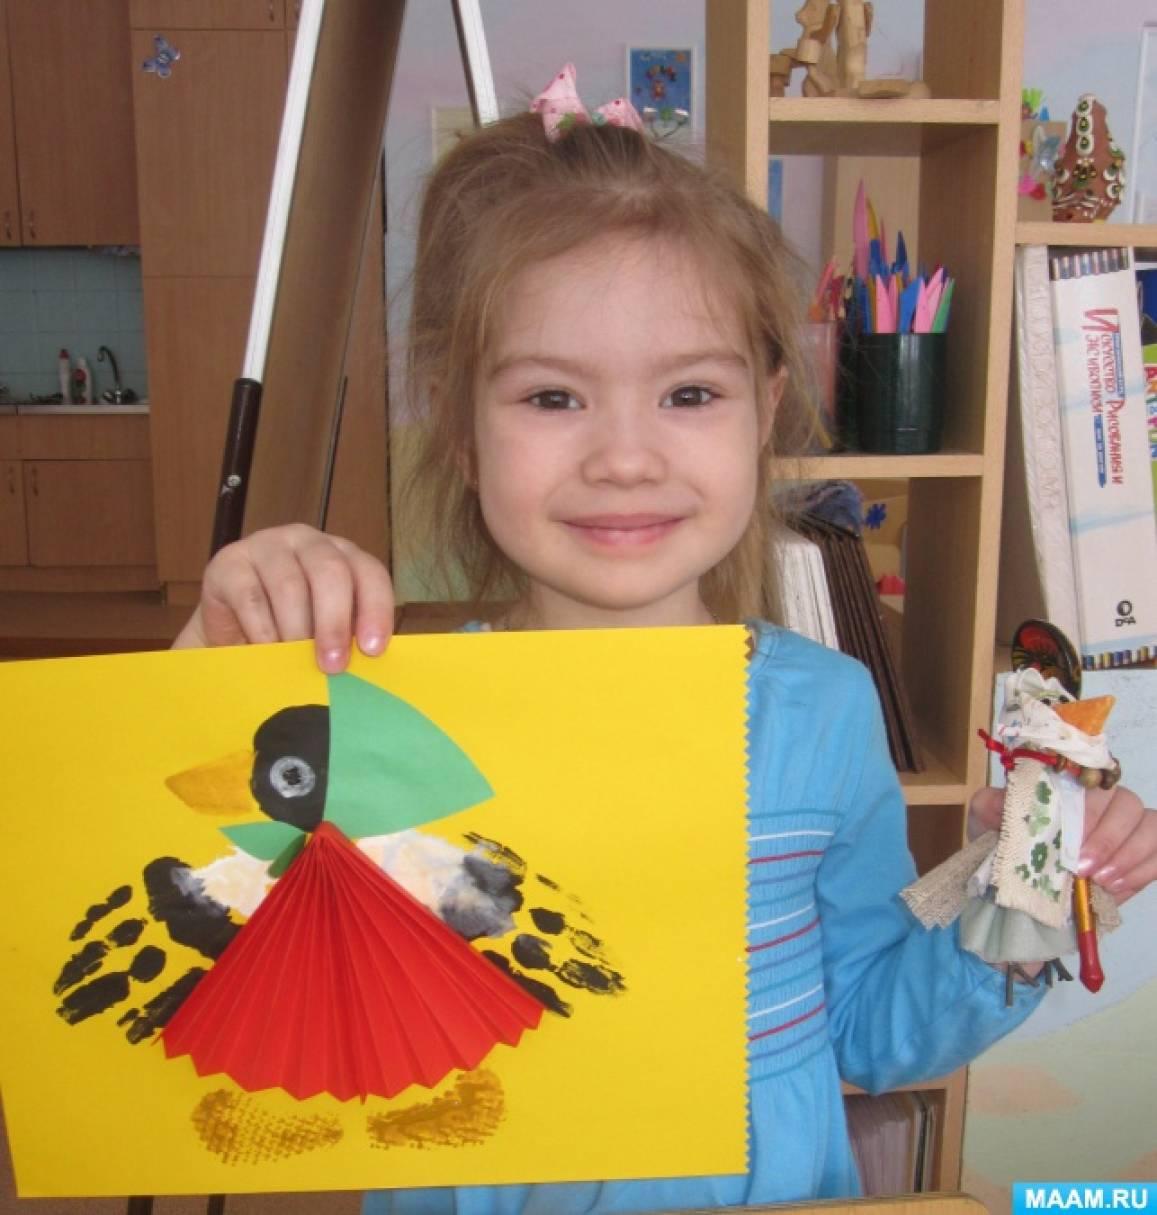 Детский мастер-класс с использованием нетрадиционных техник рисования и аппликации «Сорока-белобока»